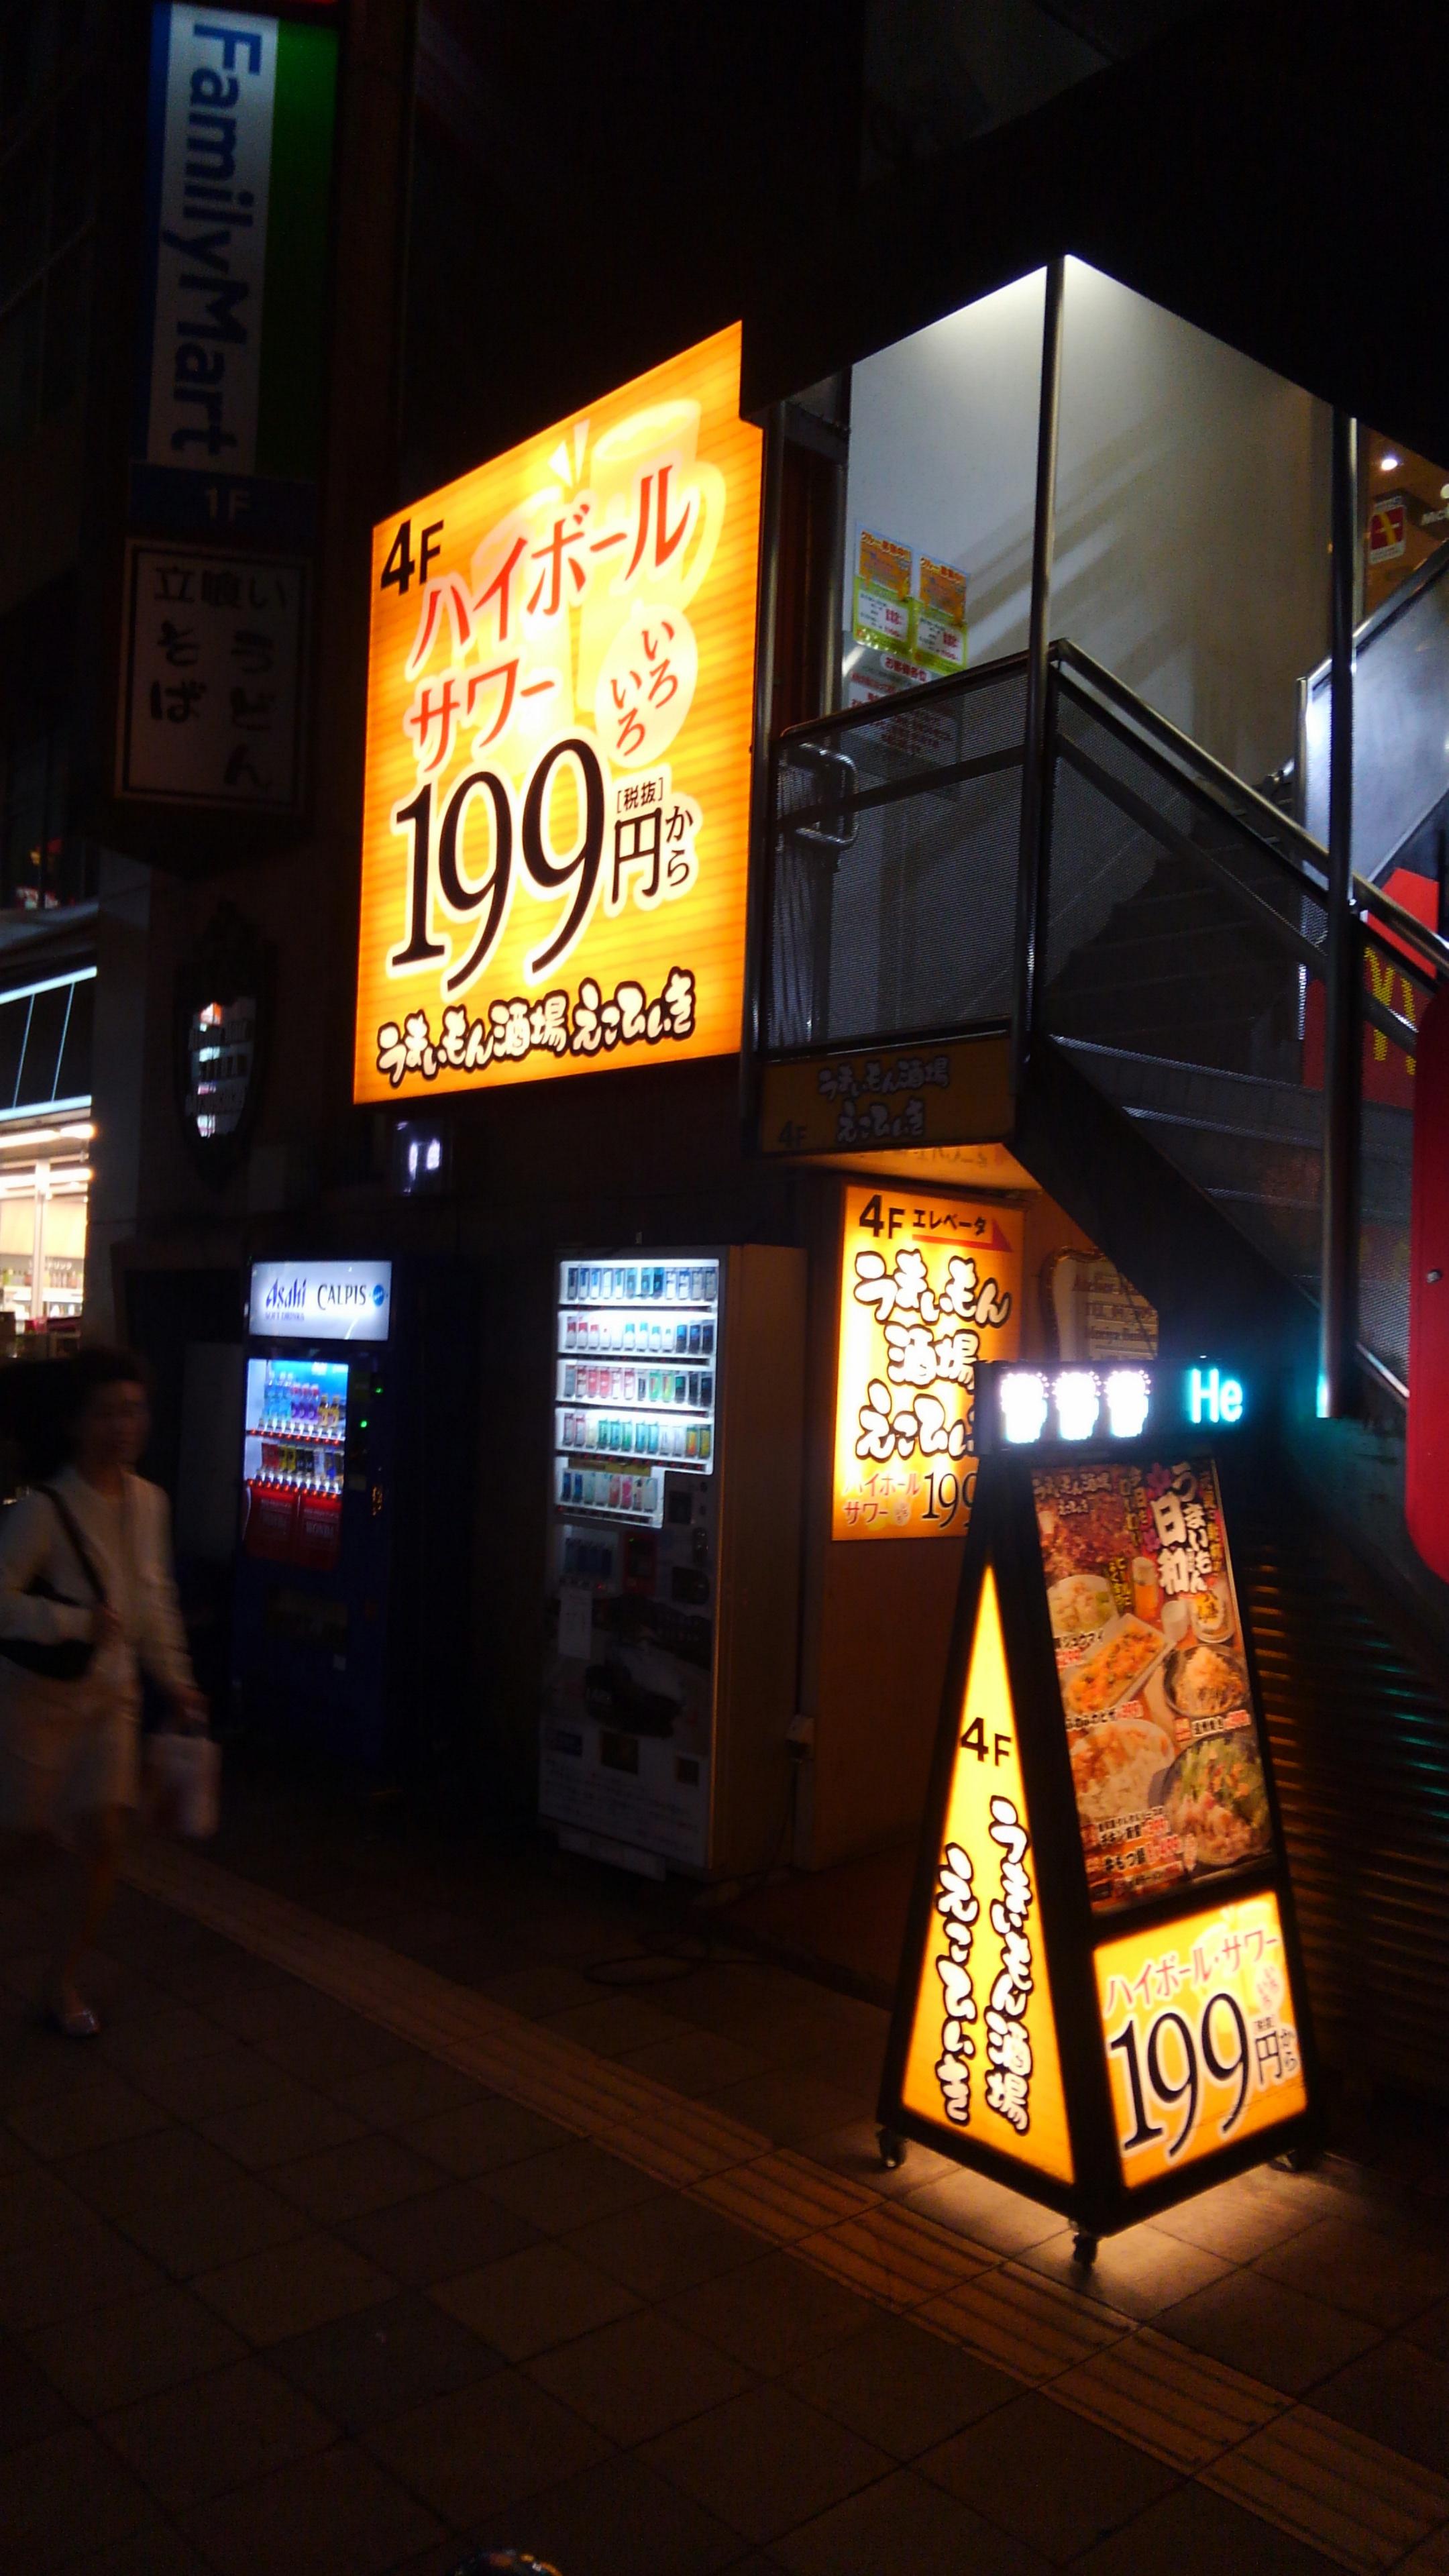 うまいもん酒場えこひいき(新松戸) 199円の変わりだねサワーにGOOD!